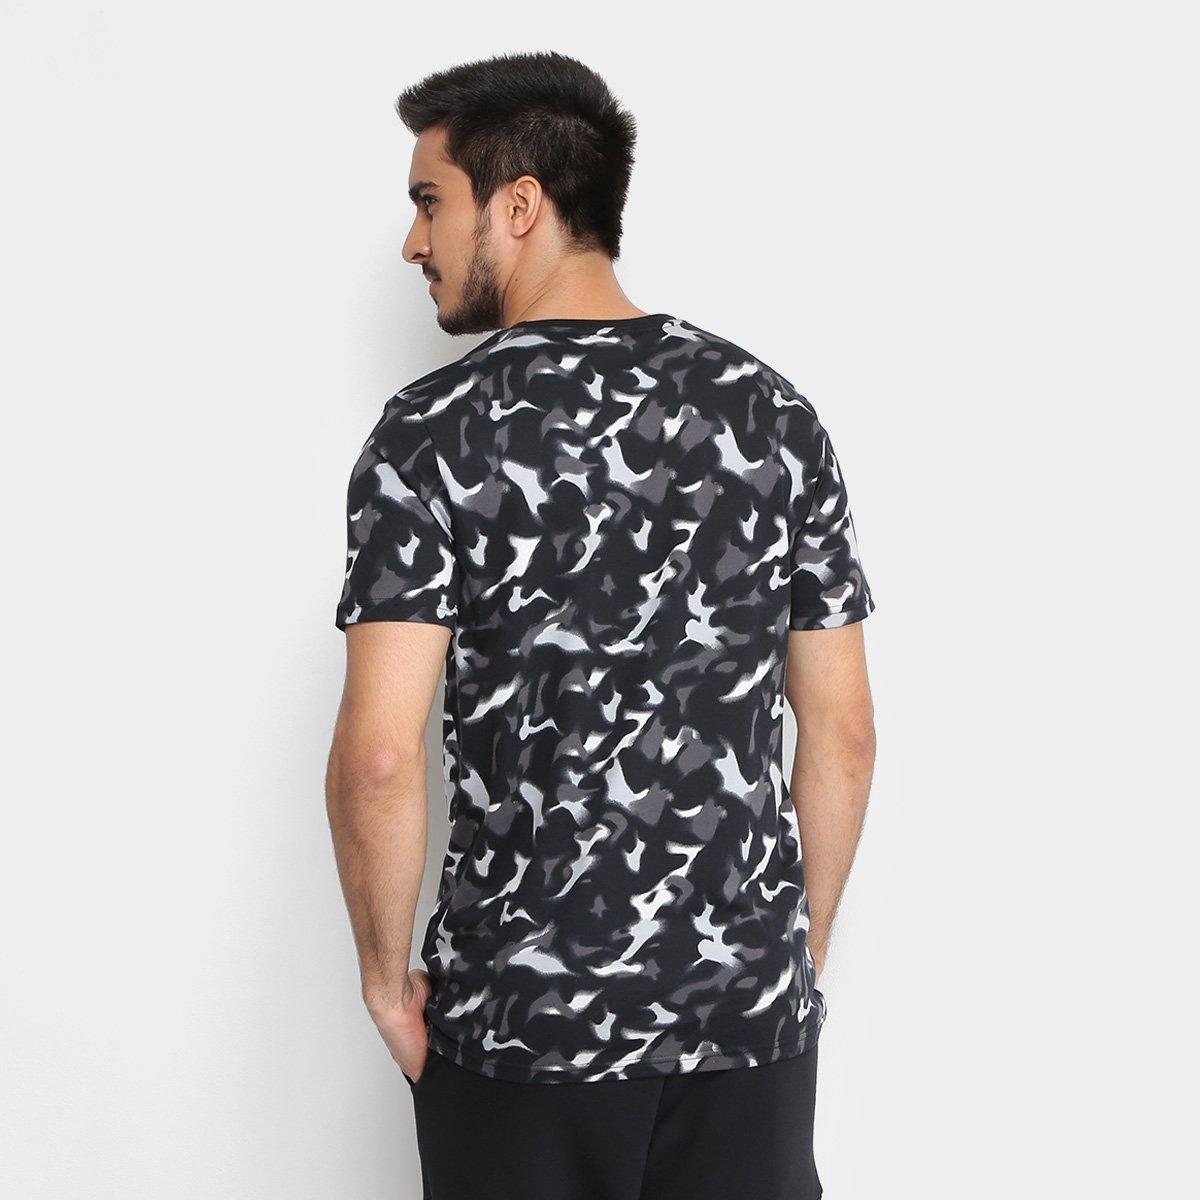 Camiseta Puma Classics Graphic AOP Masculina - Compre Agora  cb66e40b0c012